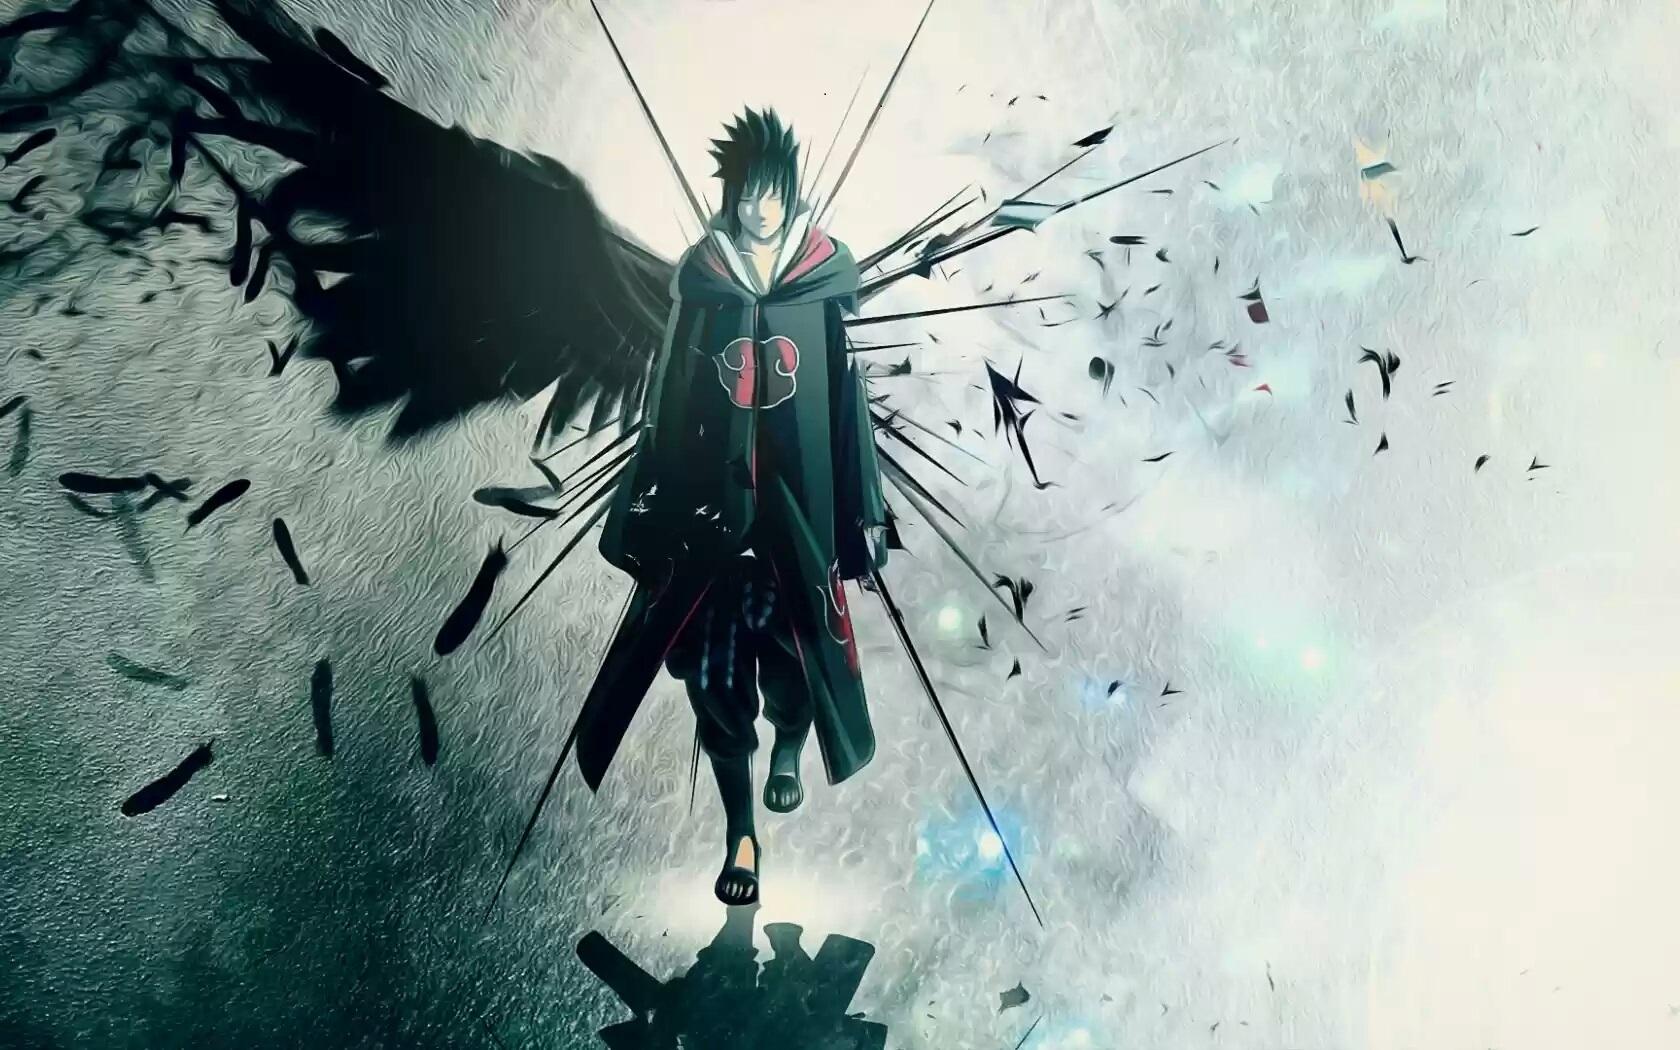 Sasuke Akatsuki Naruto Shippuden HD images